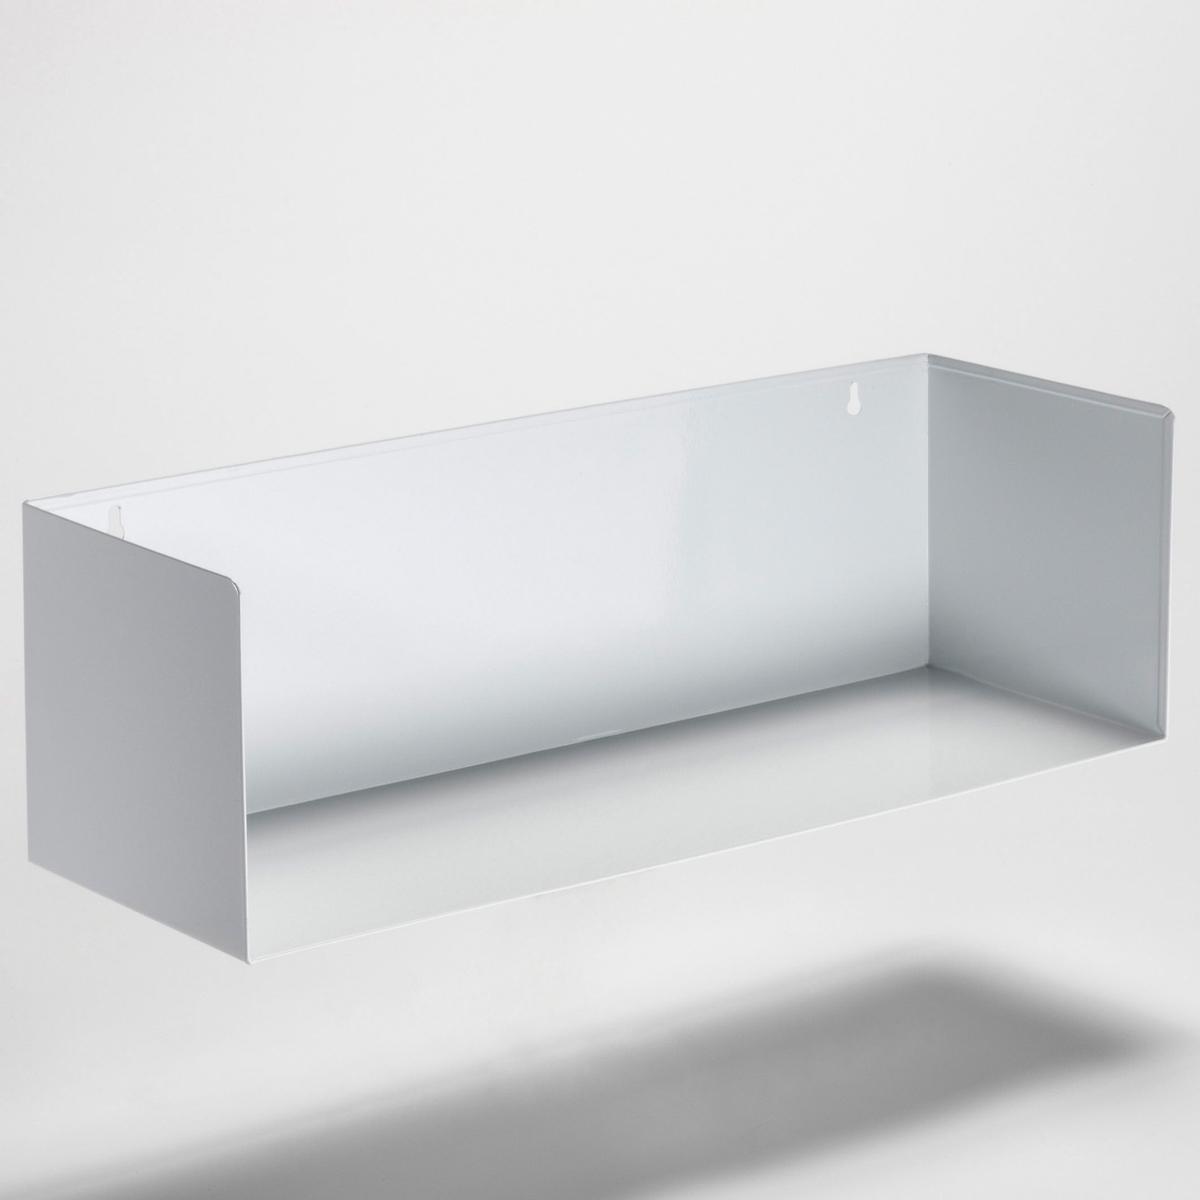 Полка настенная прямоугольная (комплект из 2) Torana